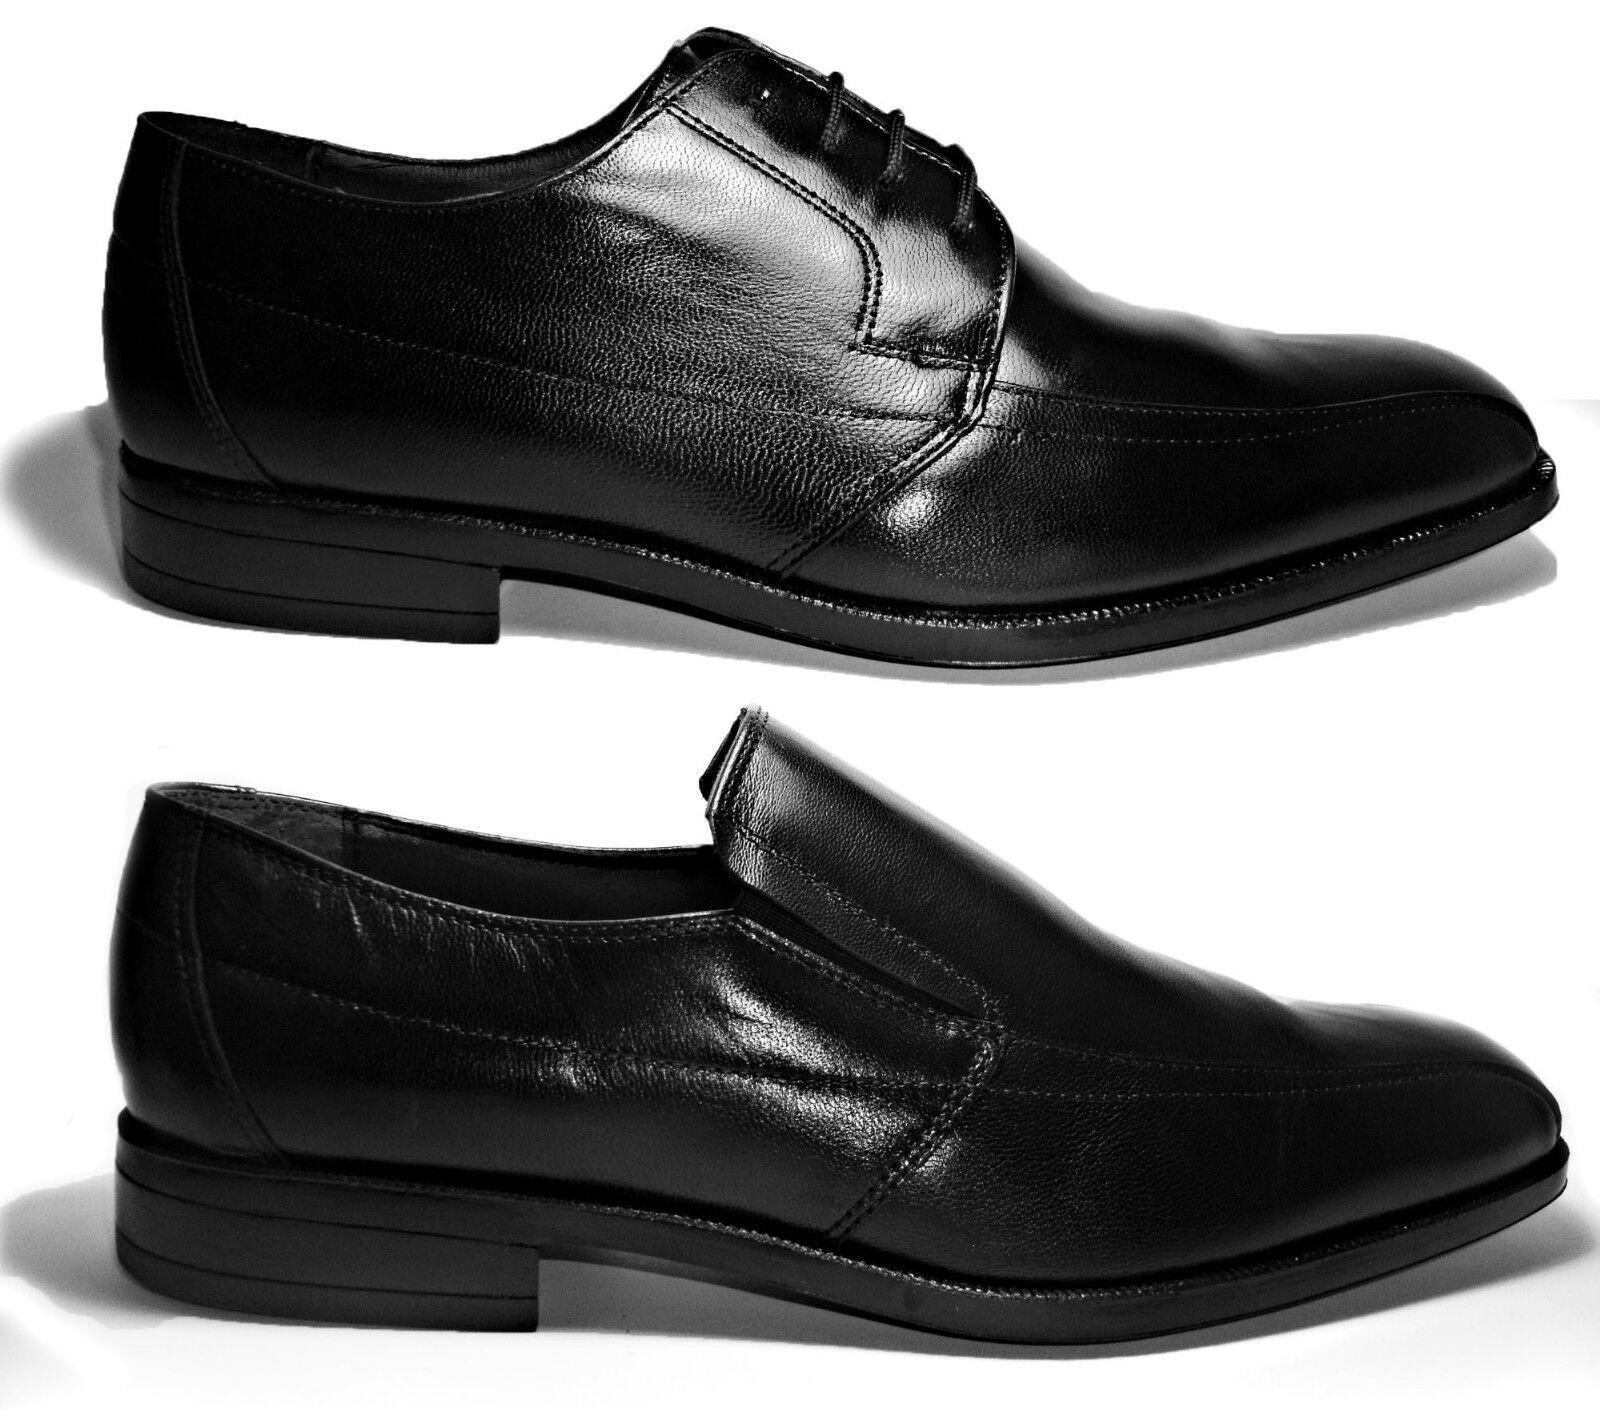 Zapatos de Birch, rituales morkas, elegancia clásica, cuero negro pulido.